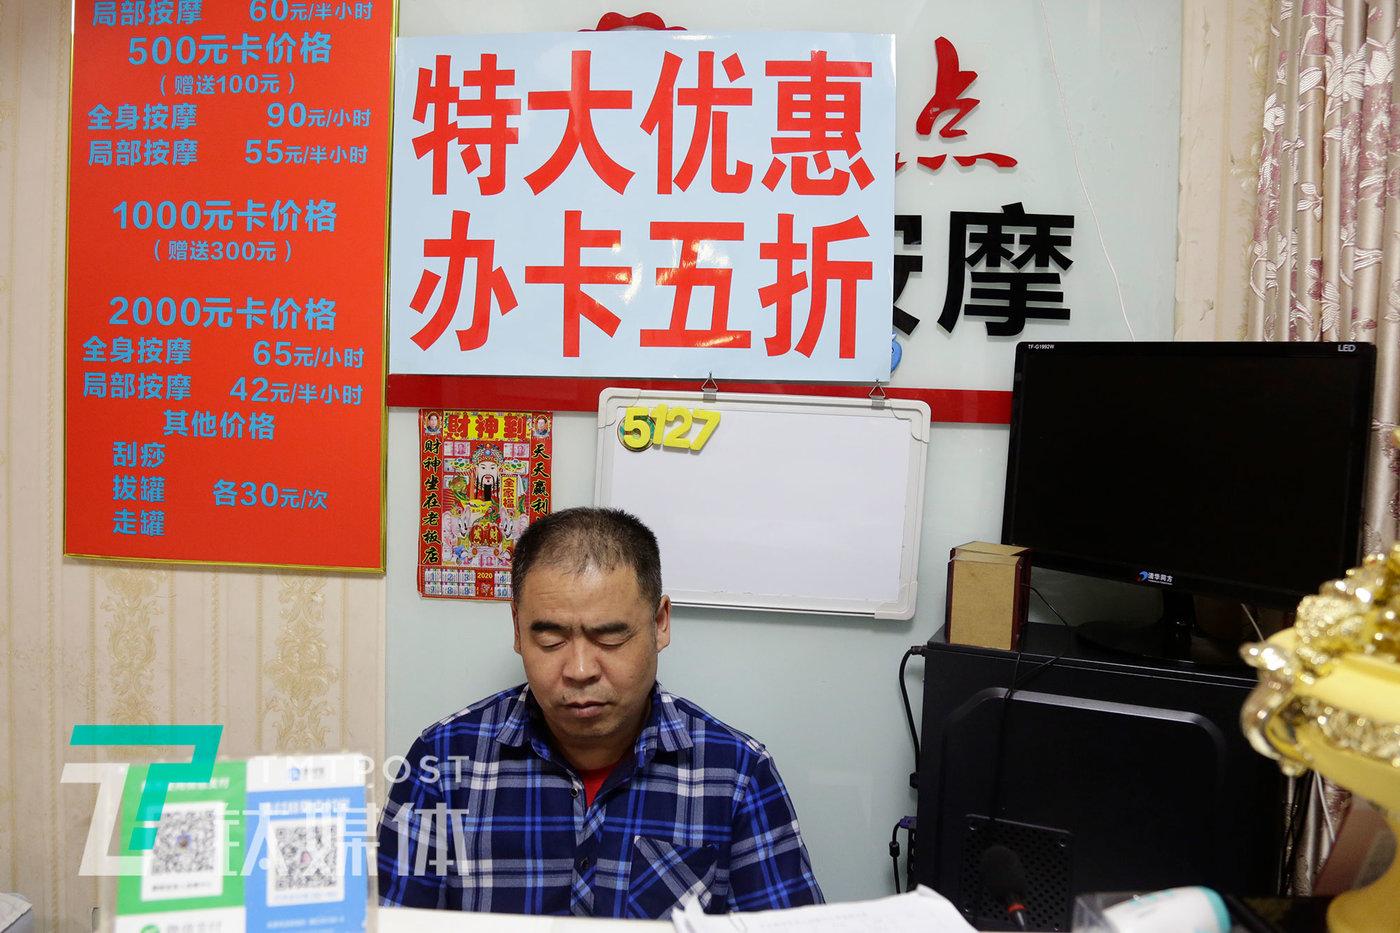 老李收银台,他身后的墙上是价现在外和打折办卡的广告。